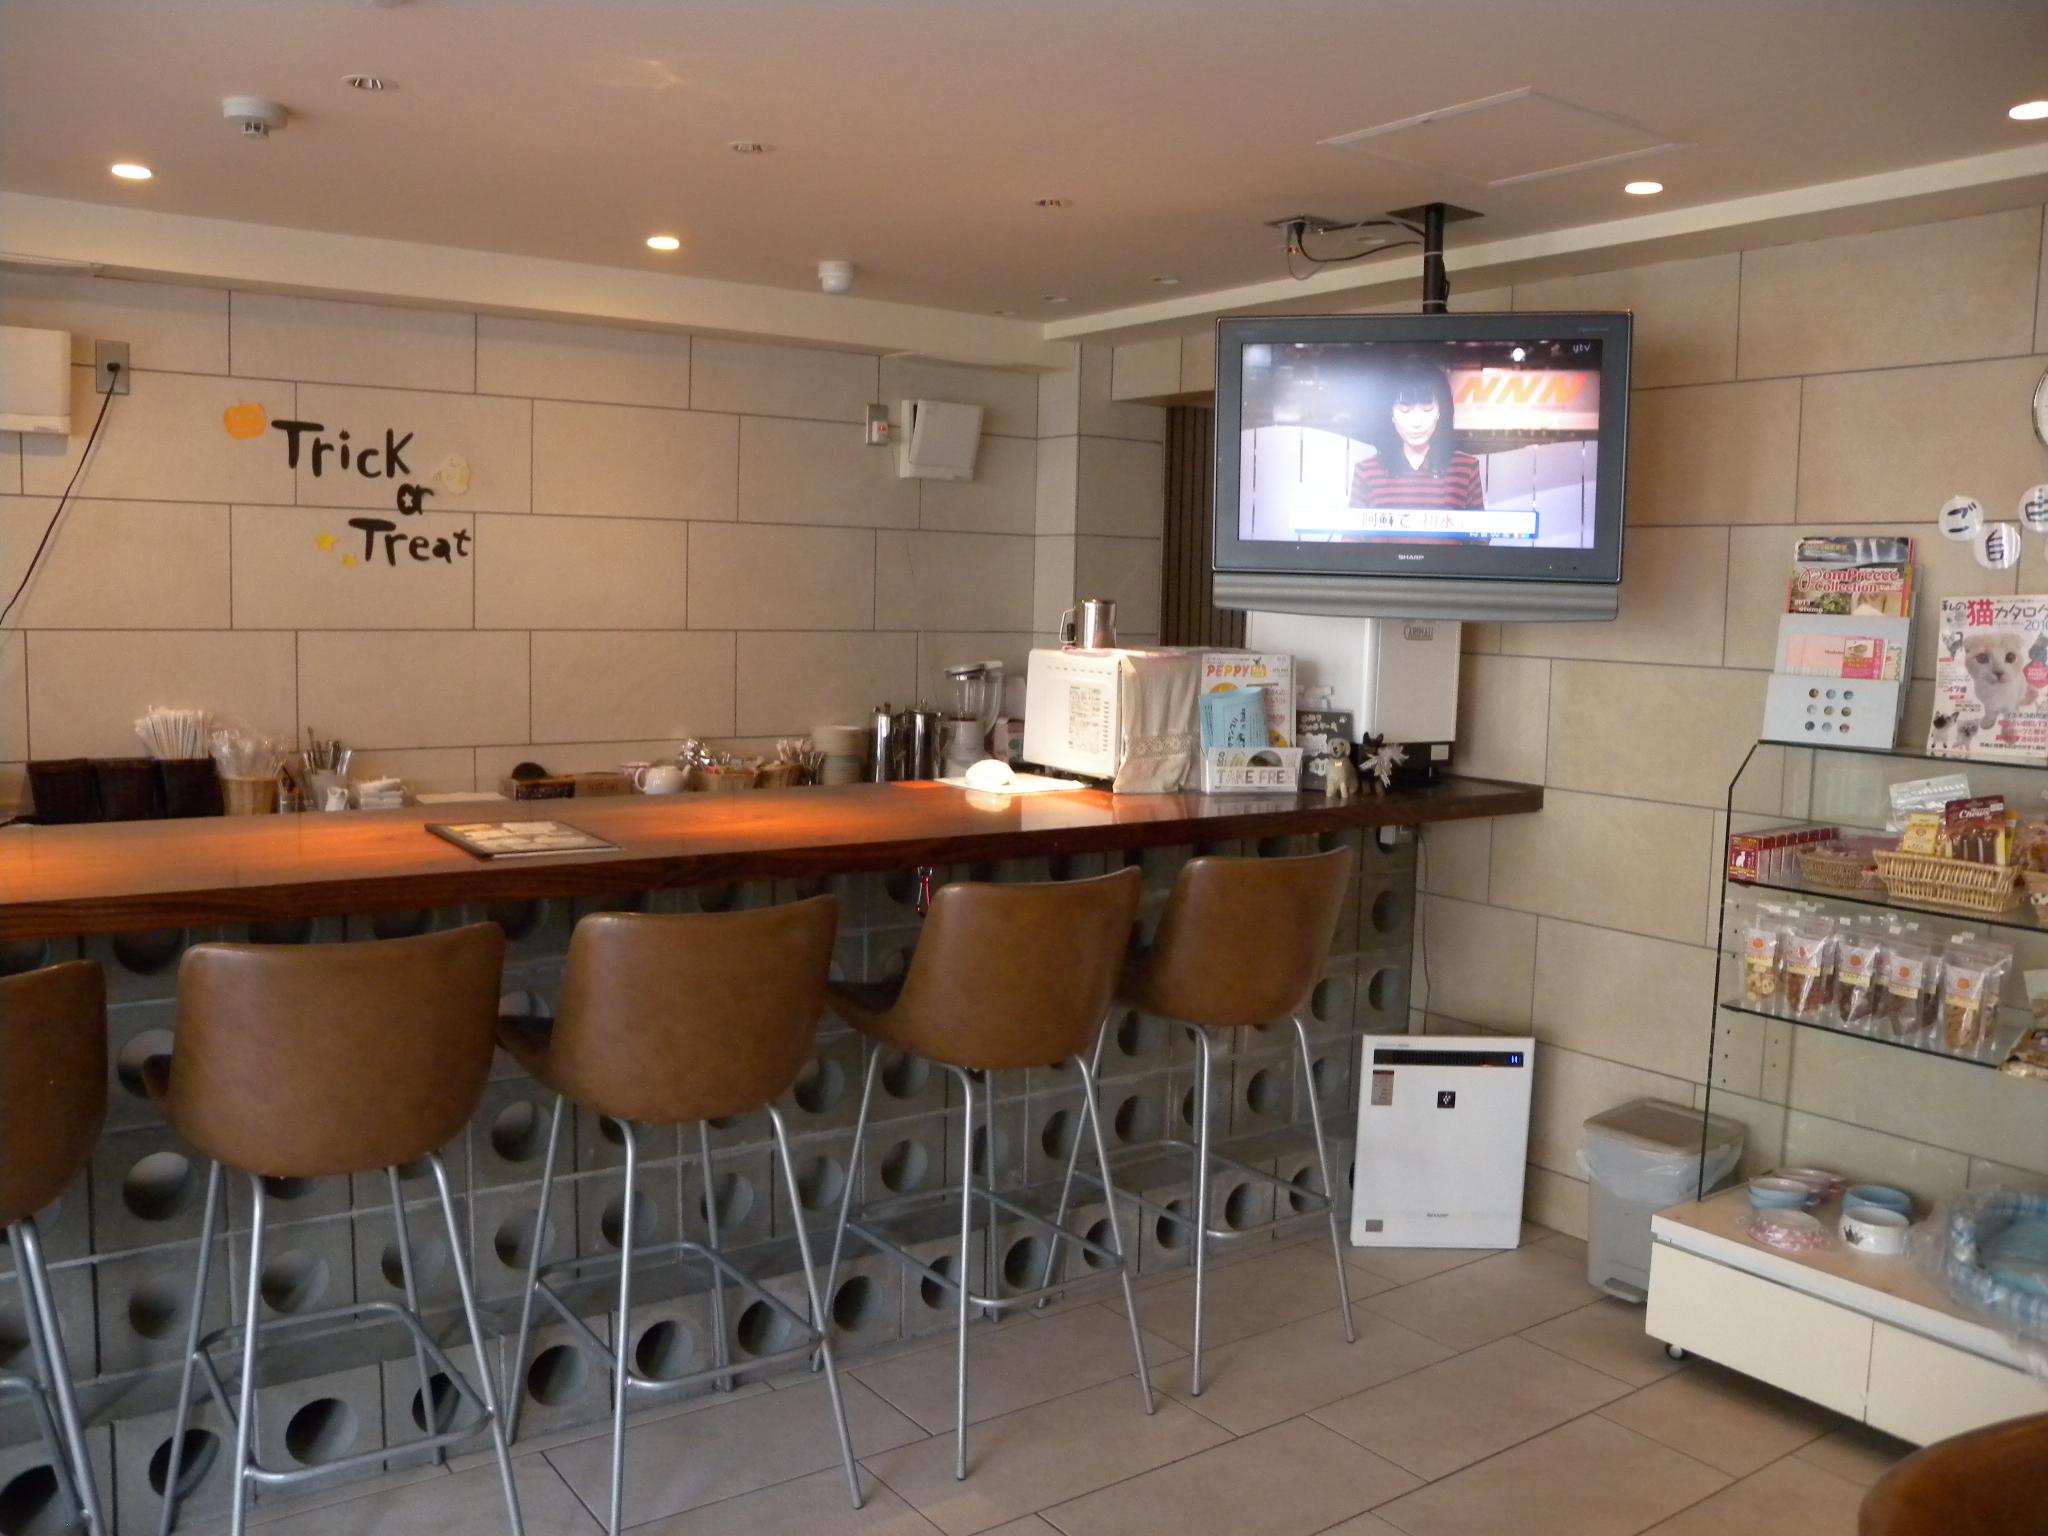 ドックカフェ Serge (大阪府大阪市西区のドッグカフェ)の口コミ・評判